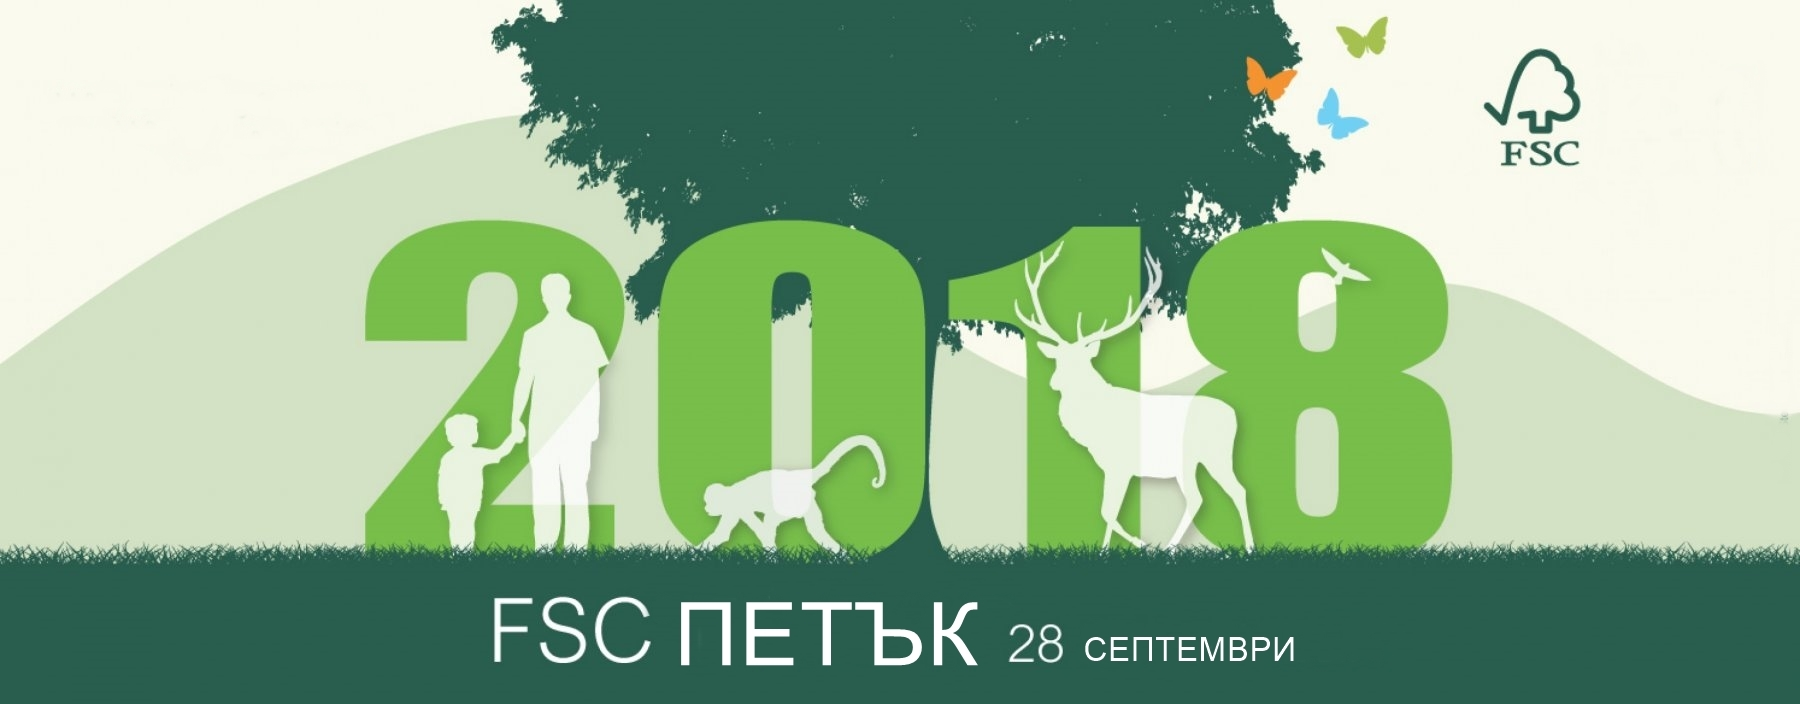 FSC friday – Копие.jpg